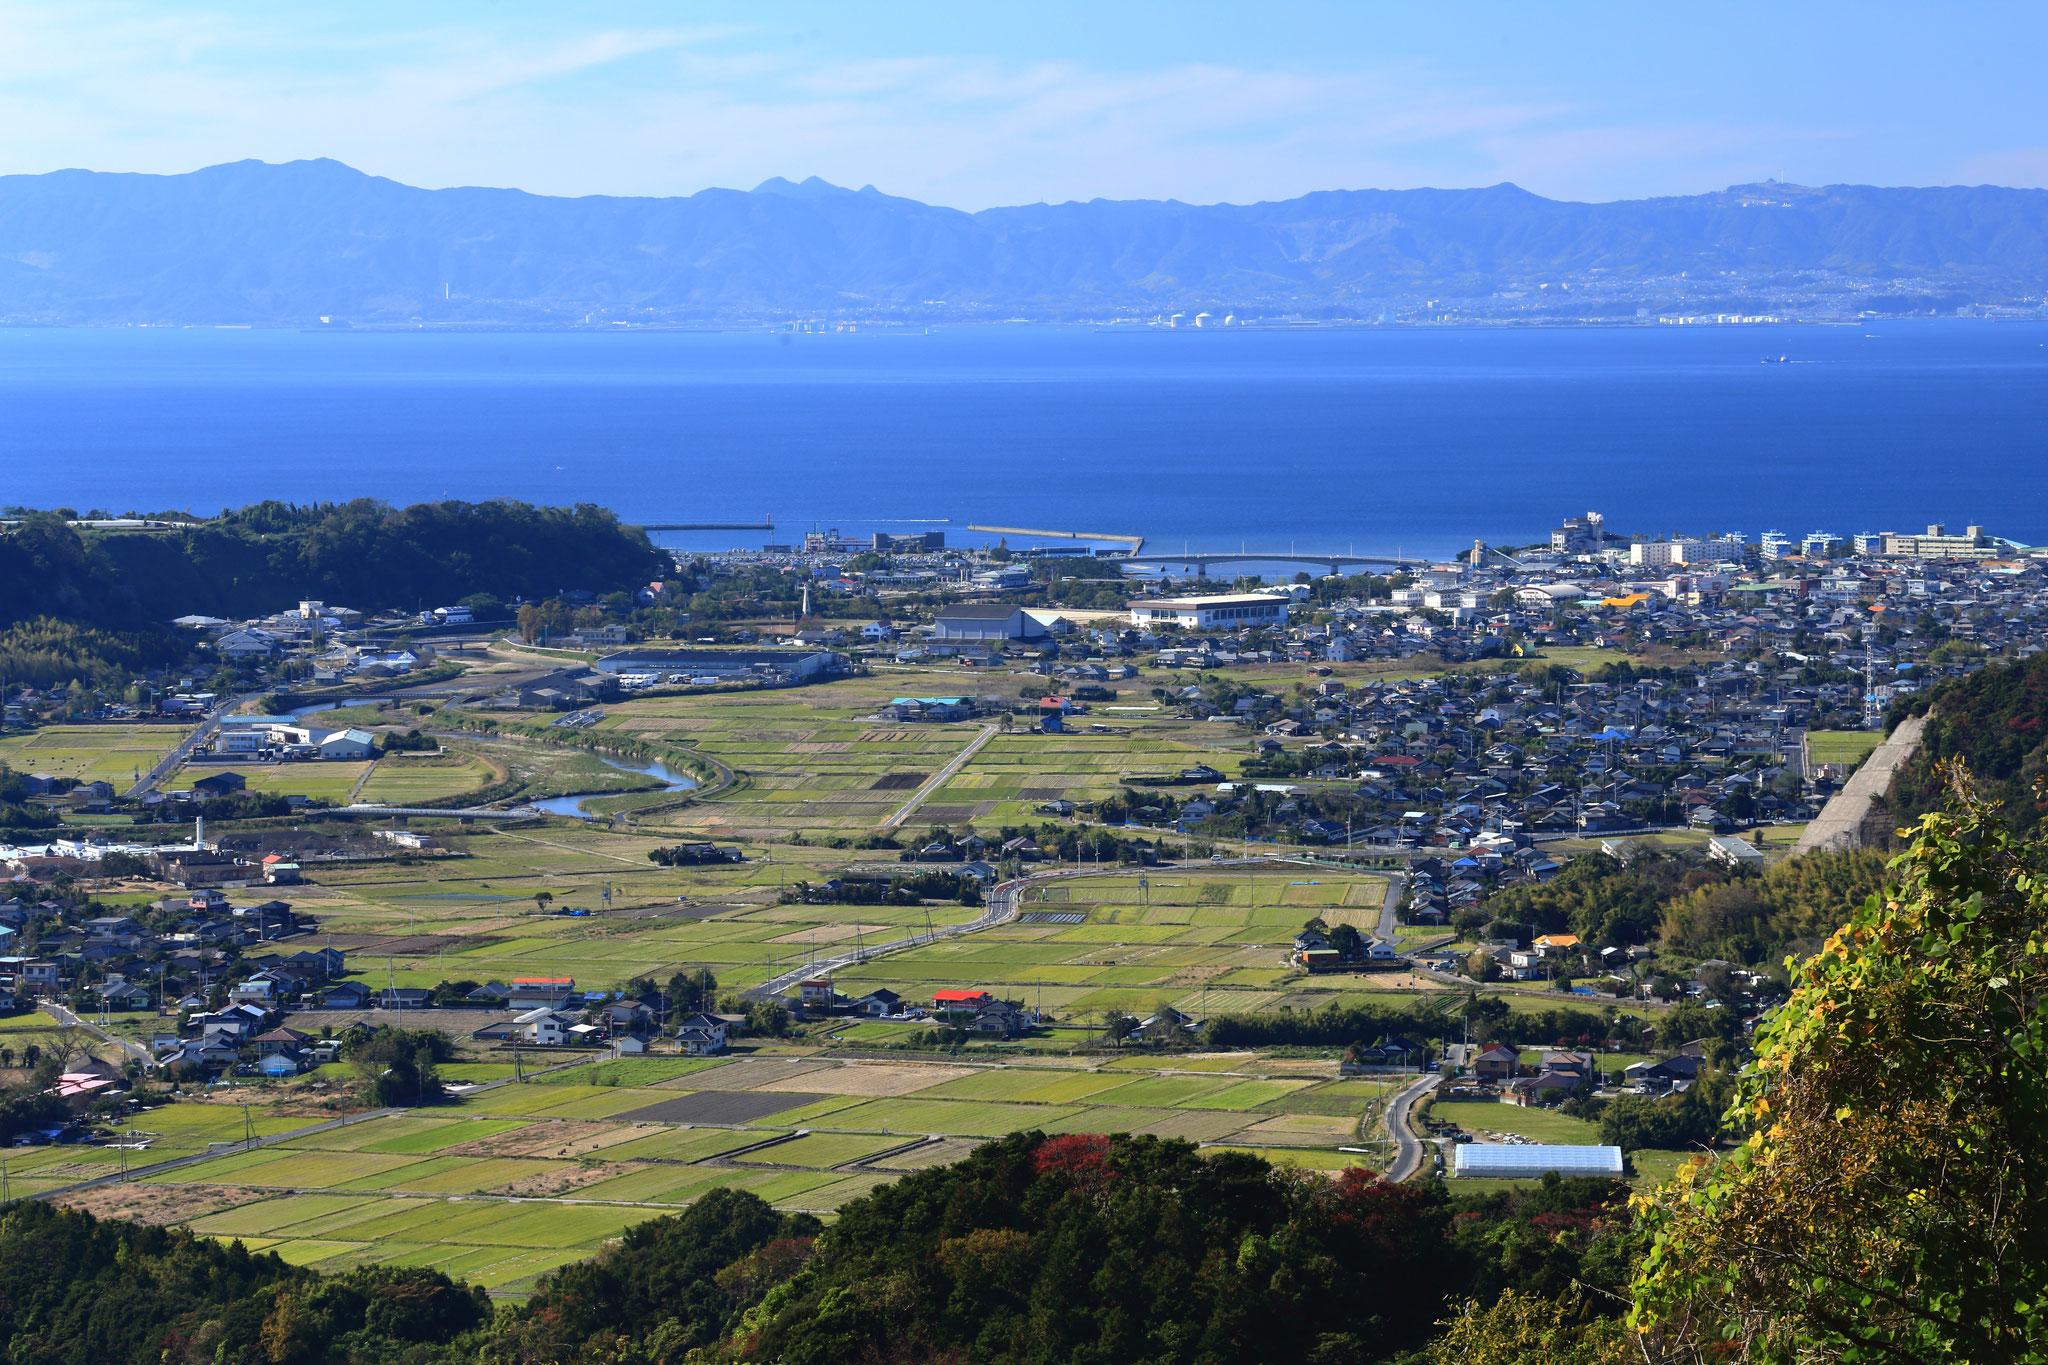 垂水市千本いちょう駐車場から眺める垂水市内と対岸の薩摩半島